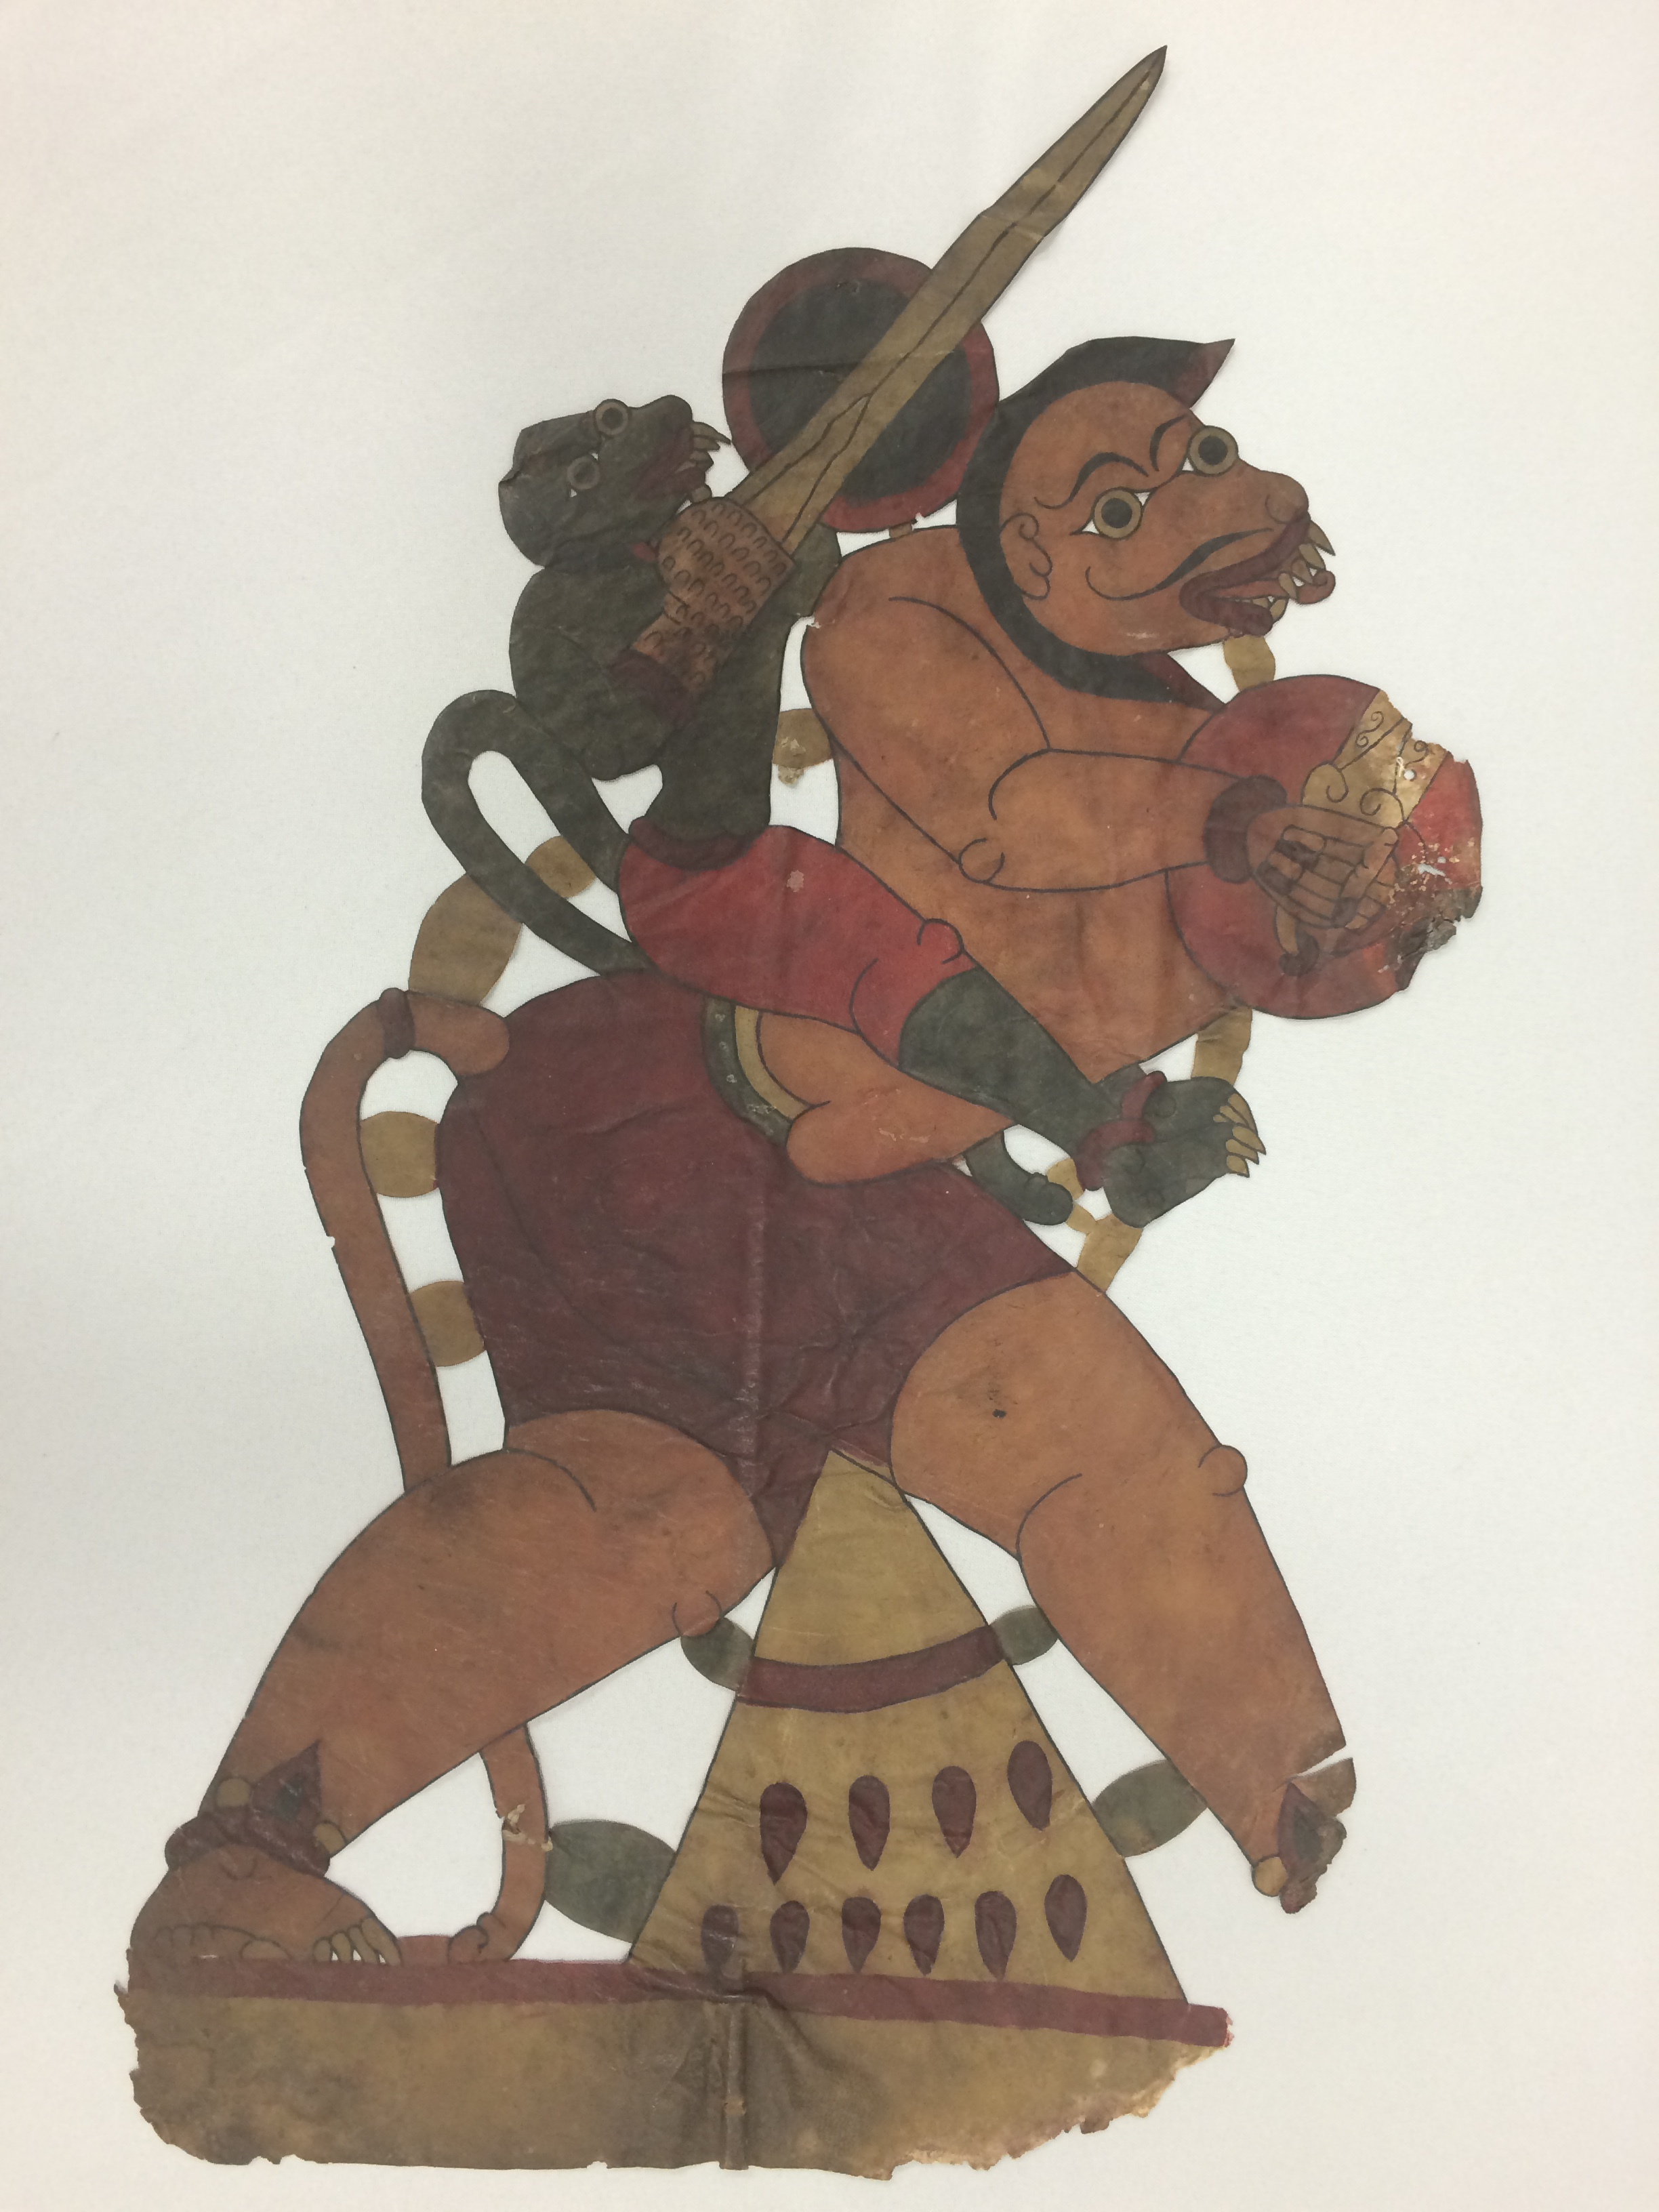 <em>Hanuman</em>, du Râmâyana, réalisé dans le style de togalu gombeya</em>ta</em>, théâtre d'ombres traditionnel de Karnataka, en Inde, hauteur : 60 cm. Collection : Center for Puppetry Arts (Georgia, Atlanta, États-Unis), donnée par Melvyn Helstien (1991)